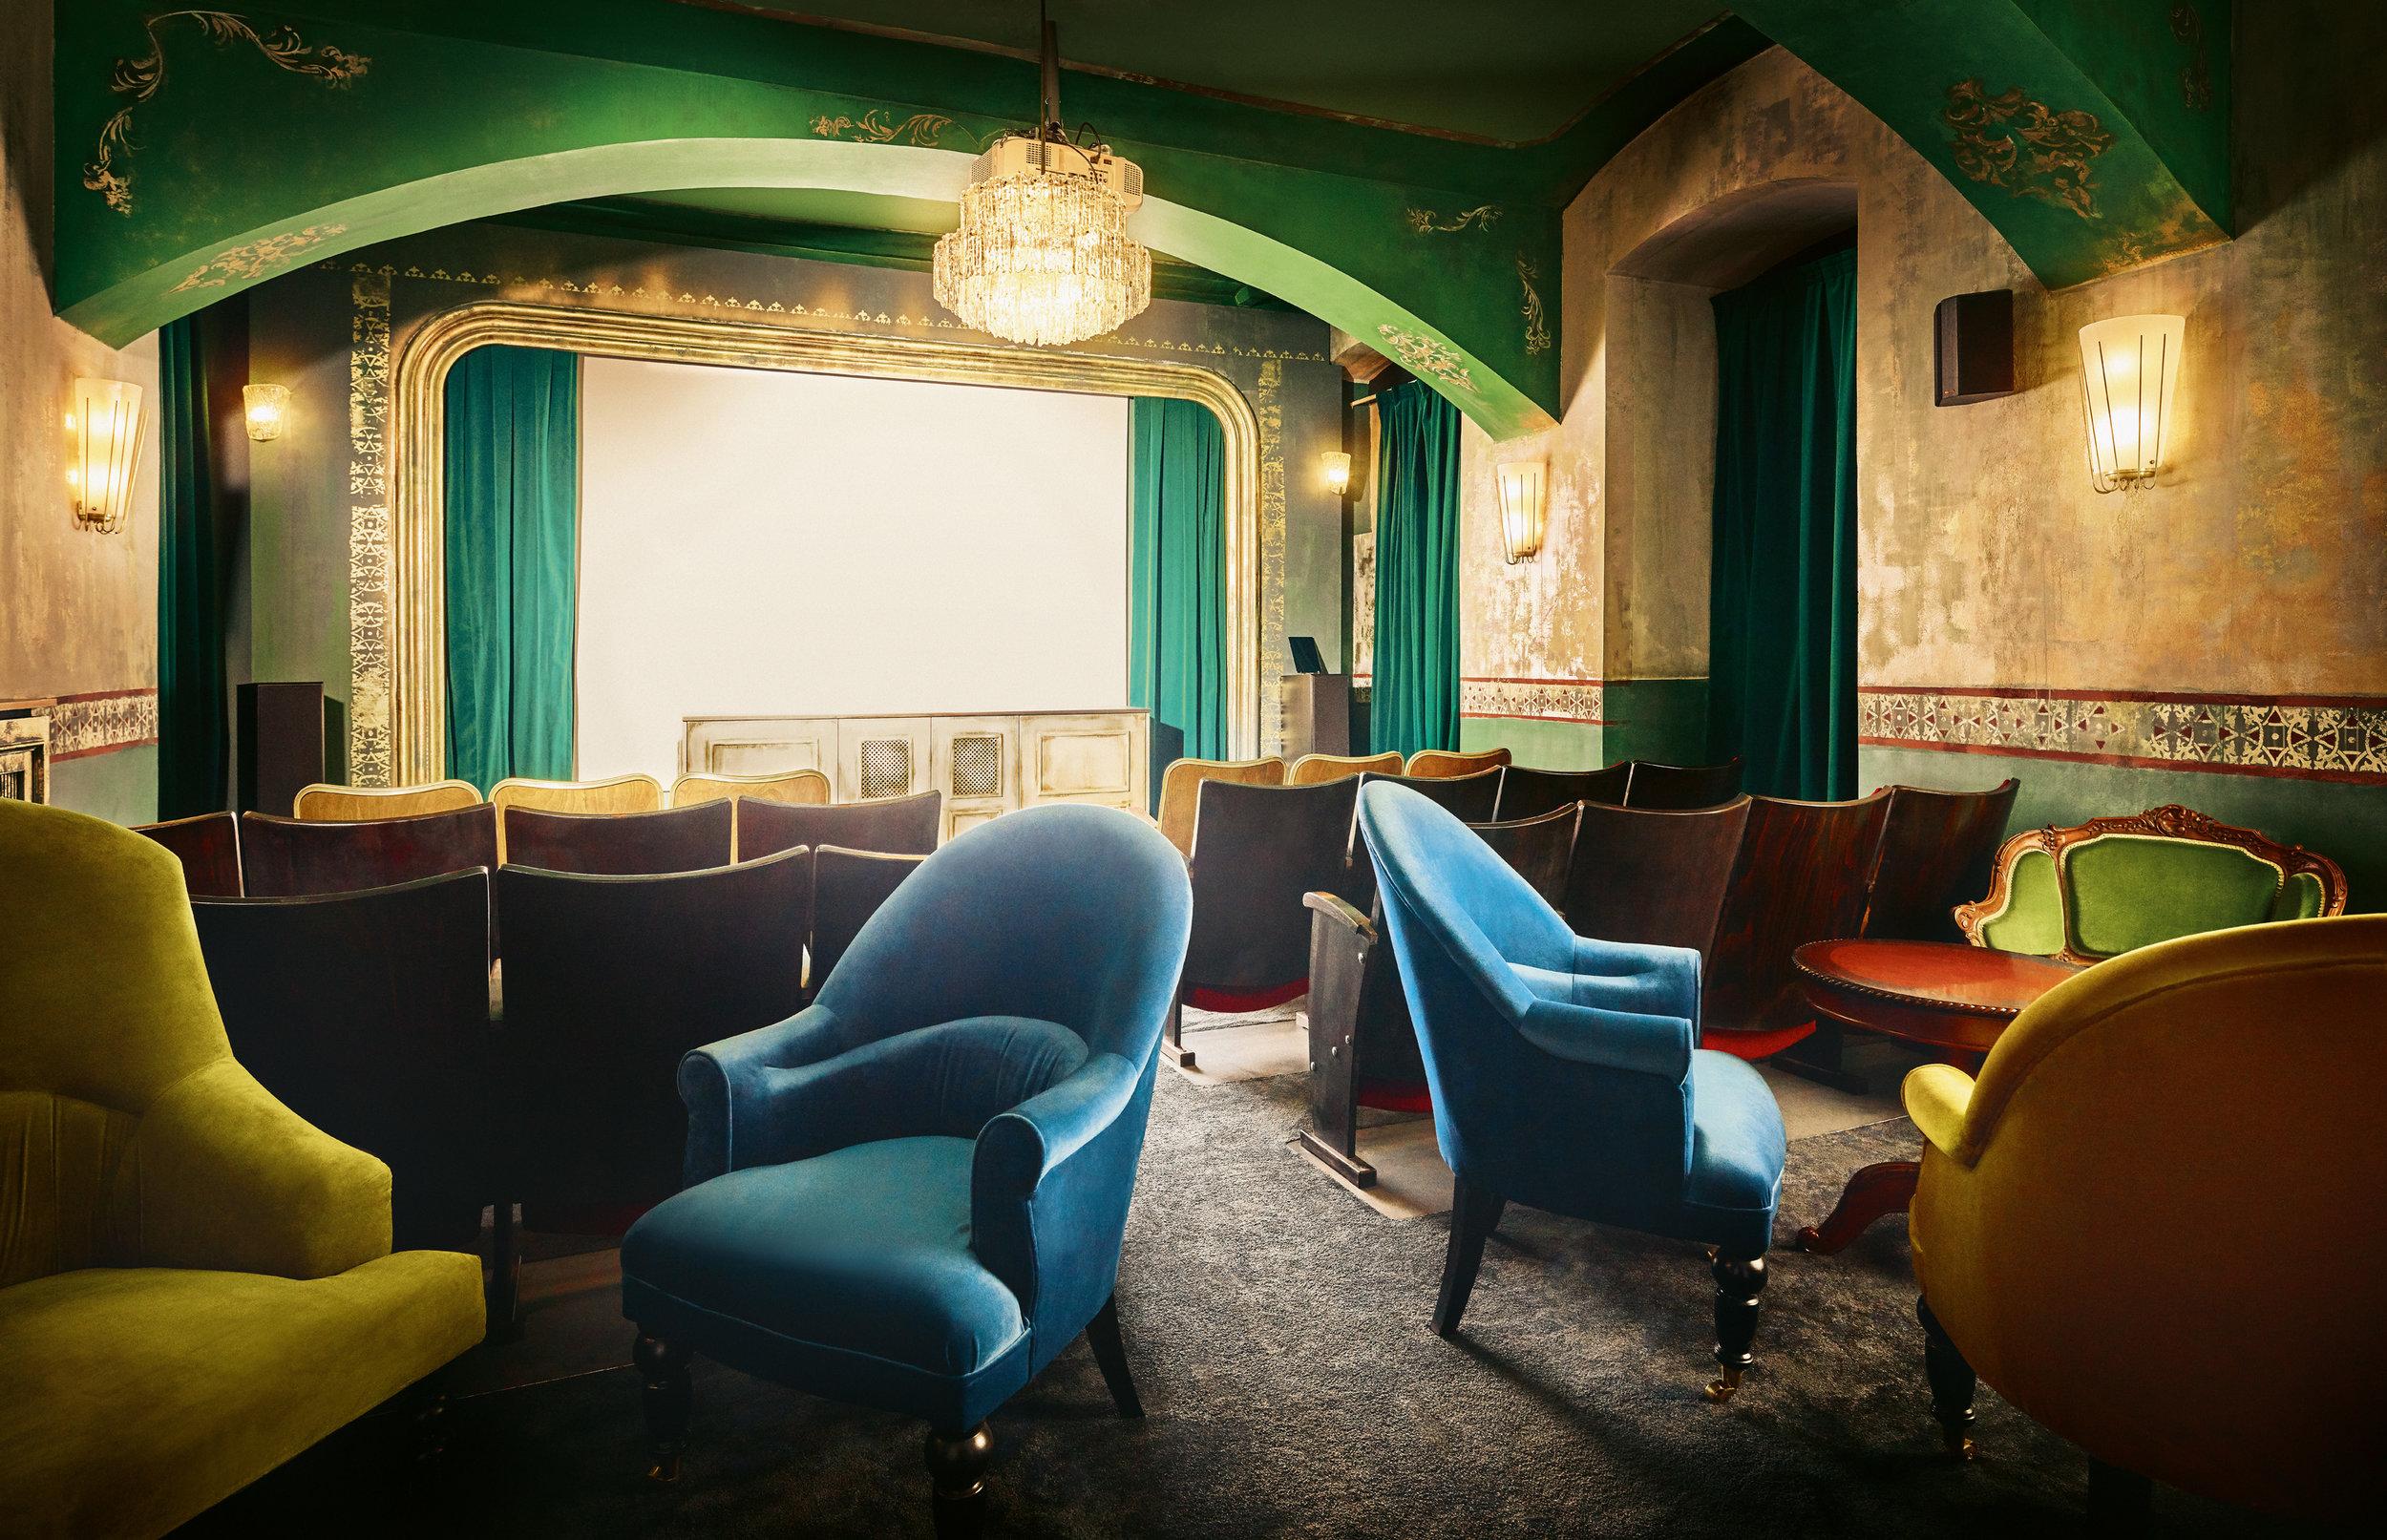 The Max Theatre